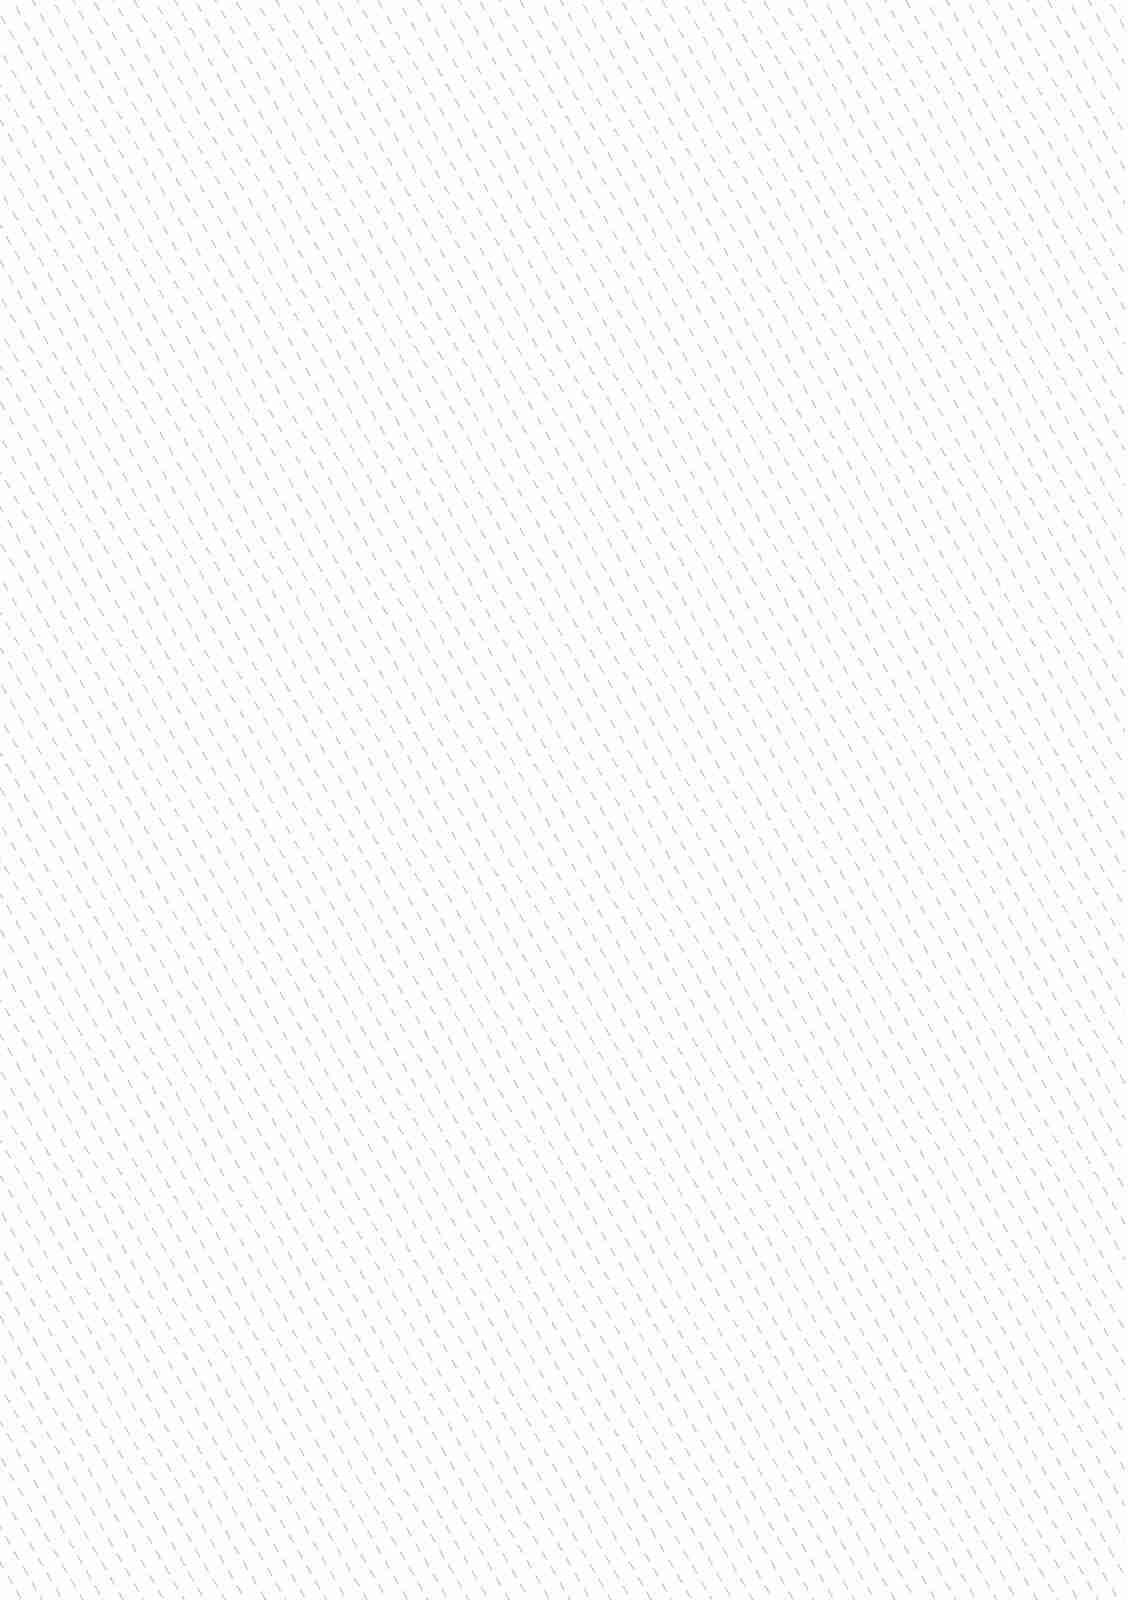 картинки пустого белого фона